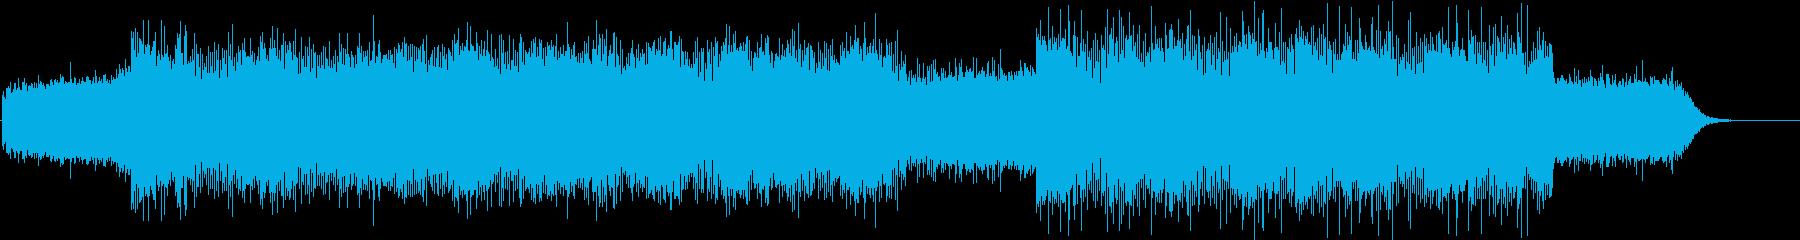 綺麗なピアノのテクスチャーの再生済みの波形